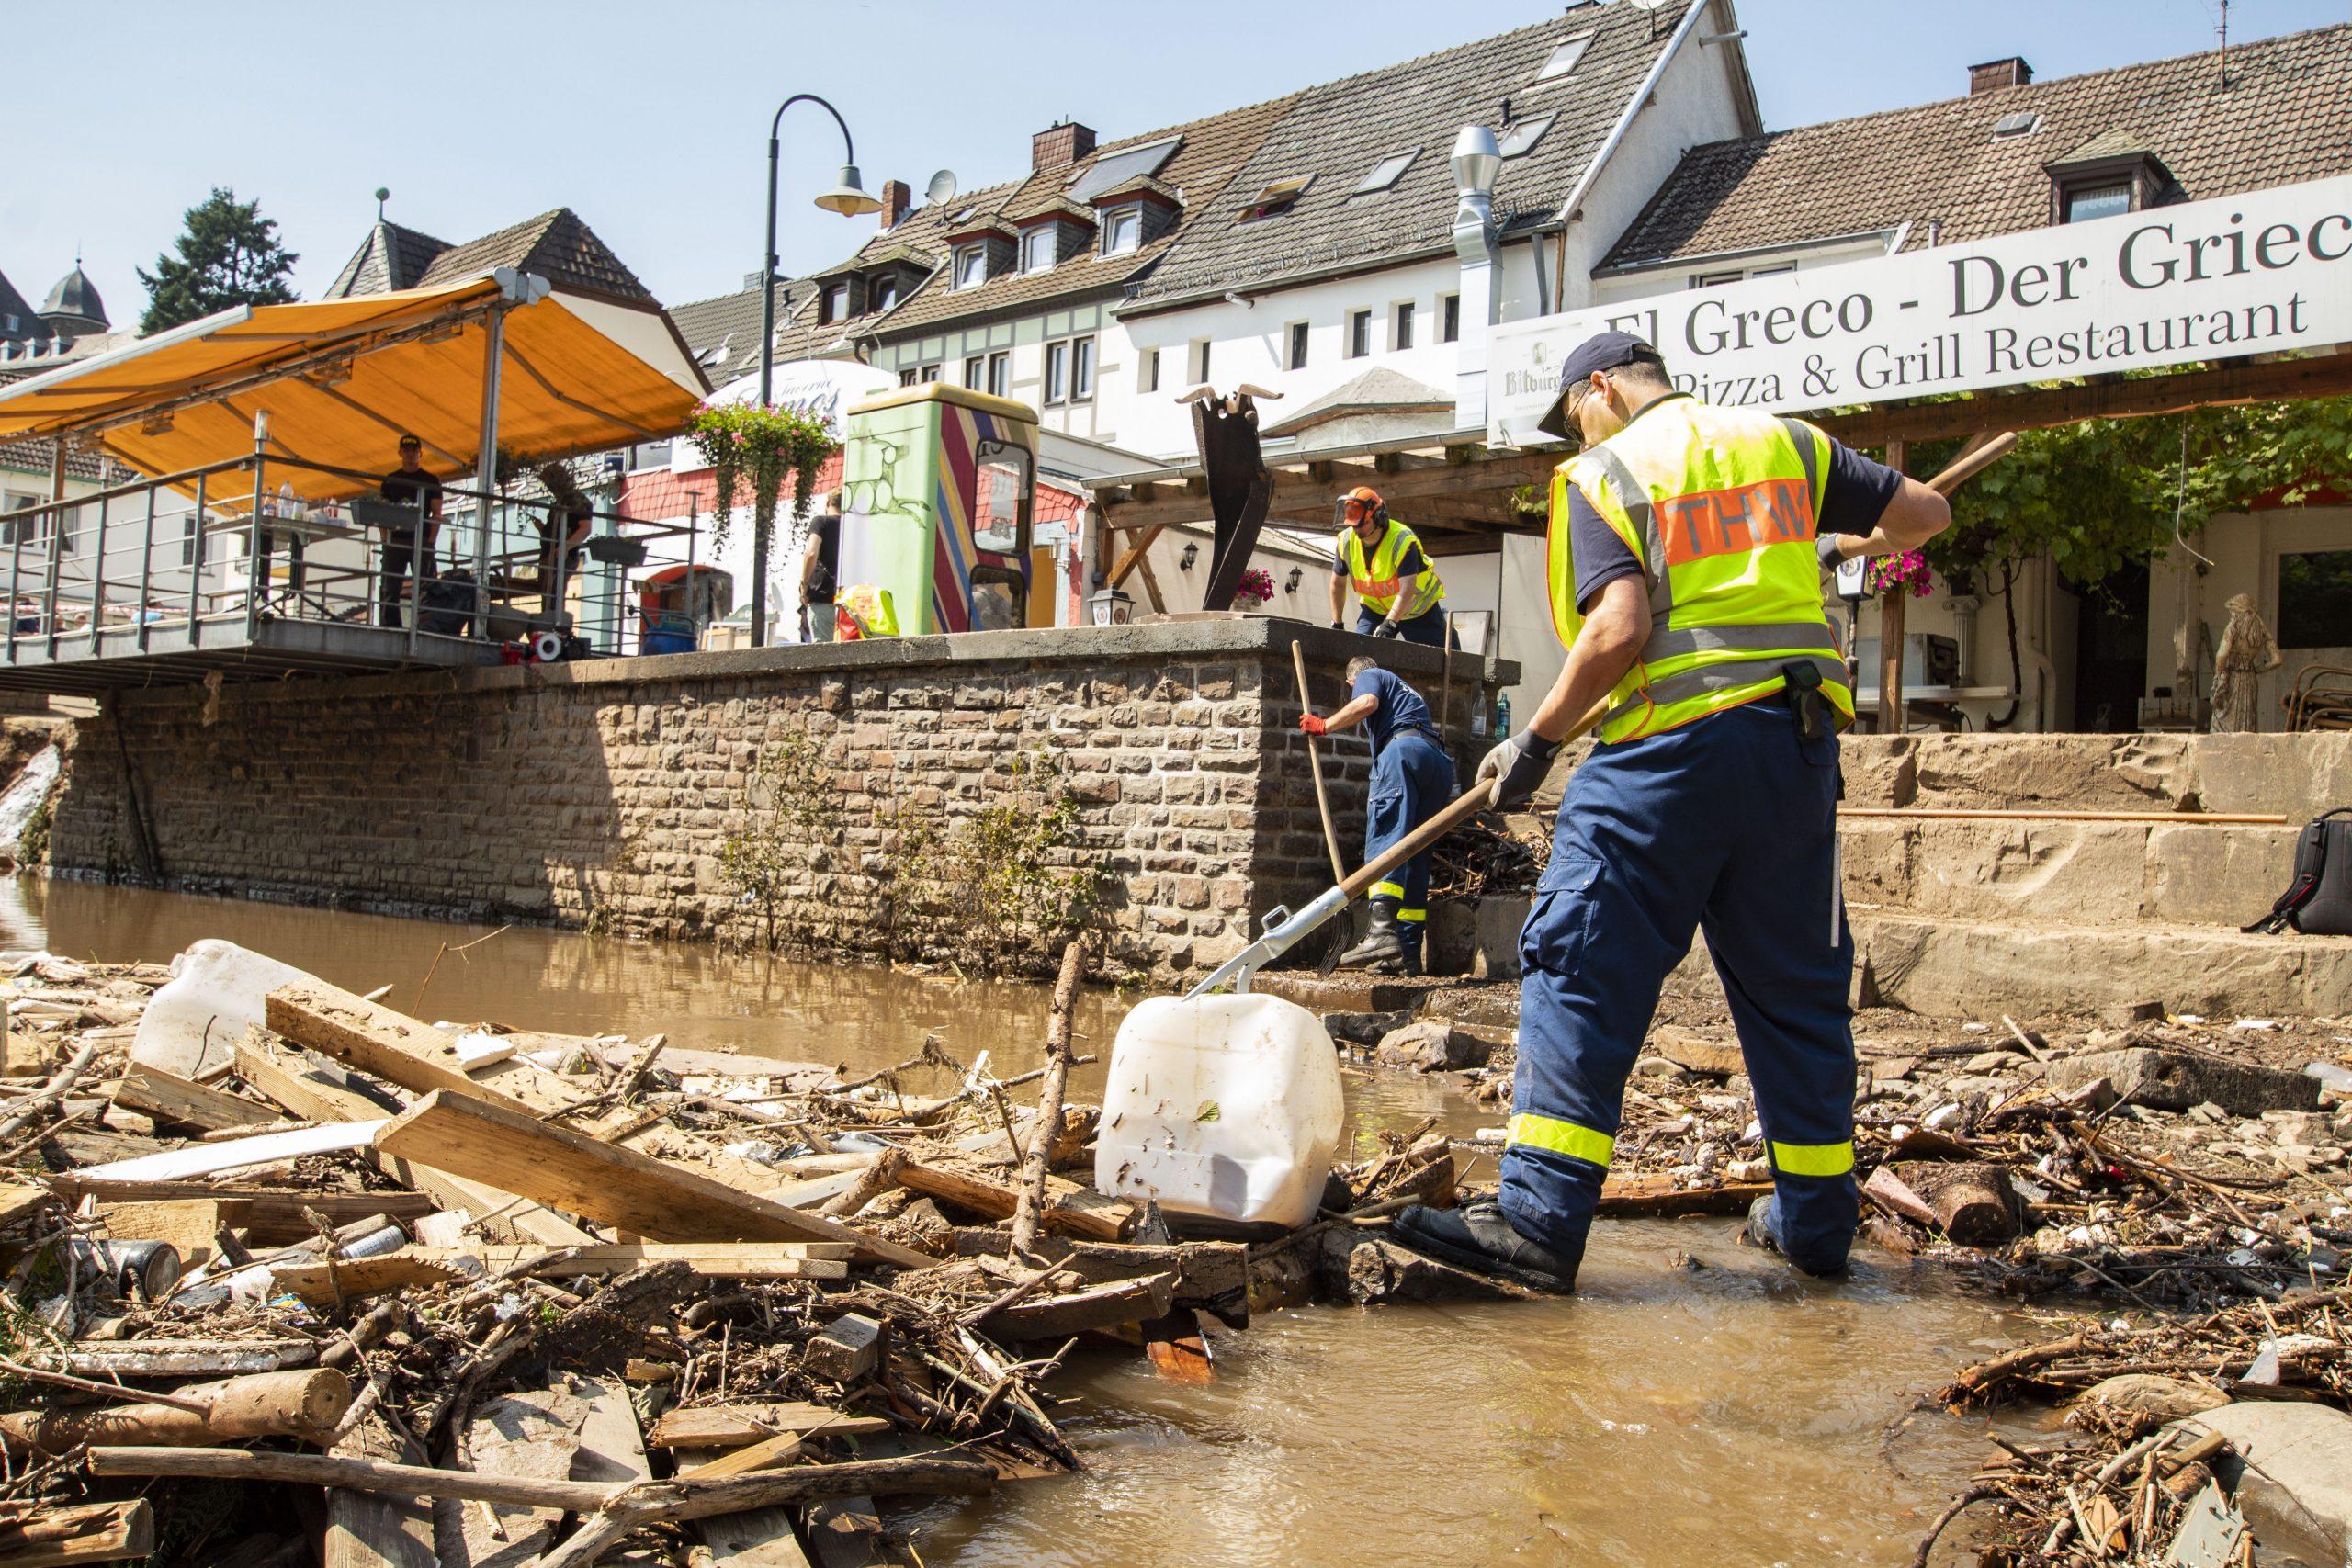 Auswirkungen der Flutkatastrophe – VDOE hilft helfen